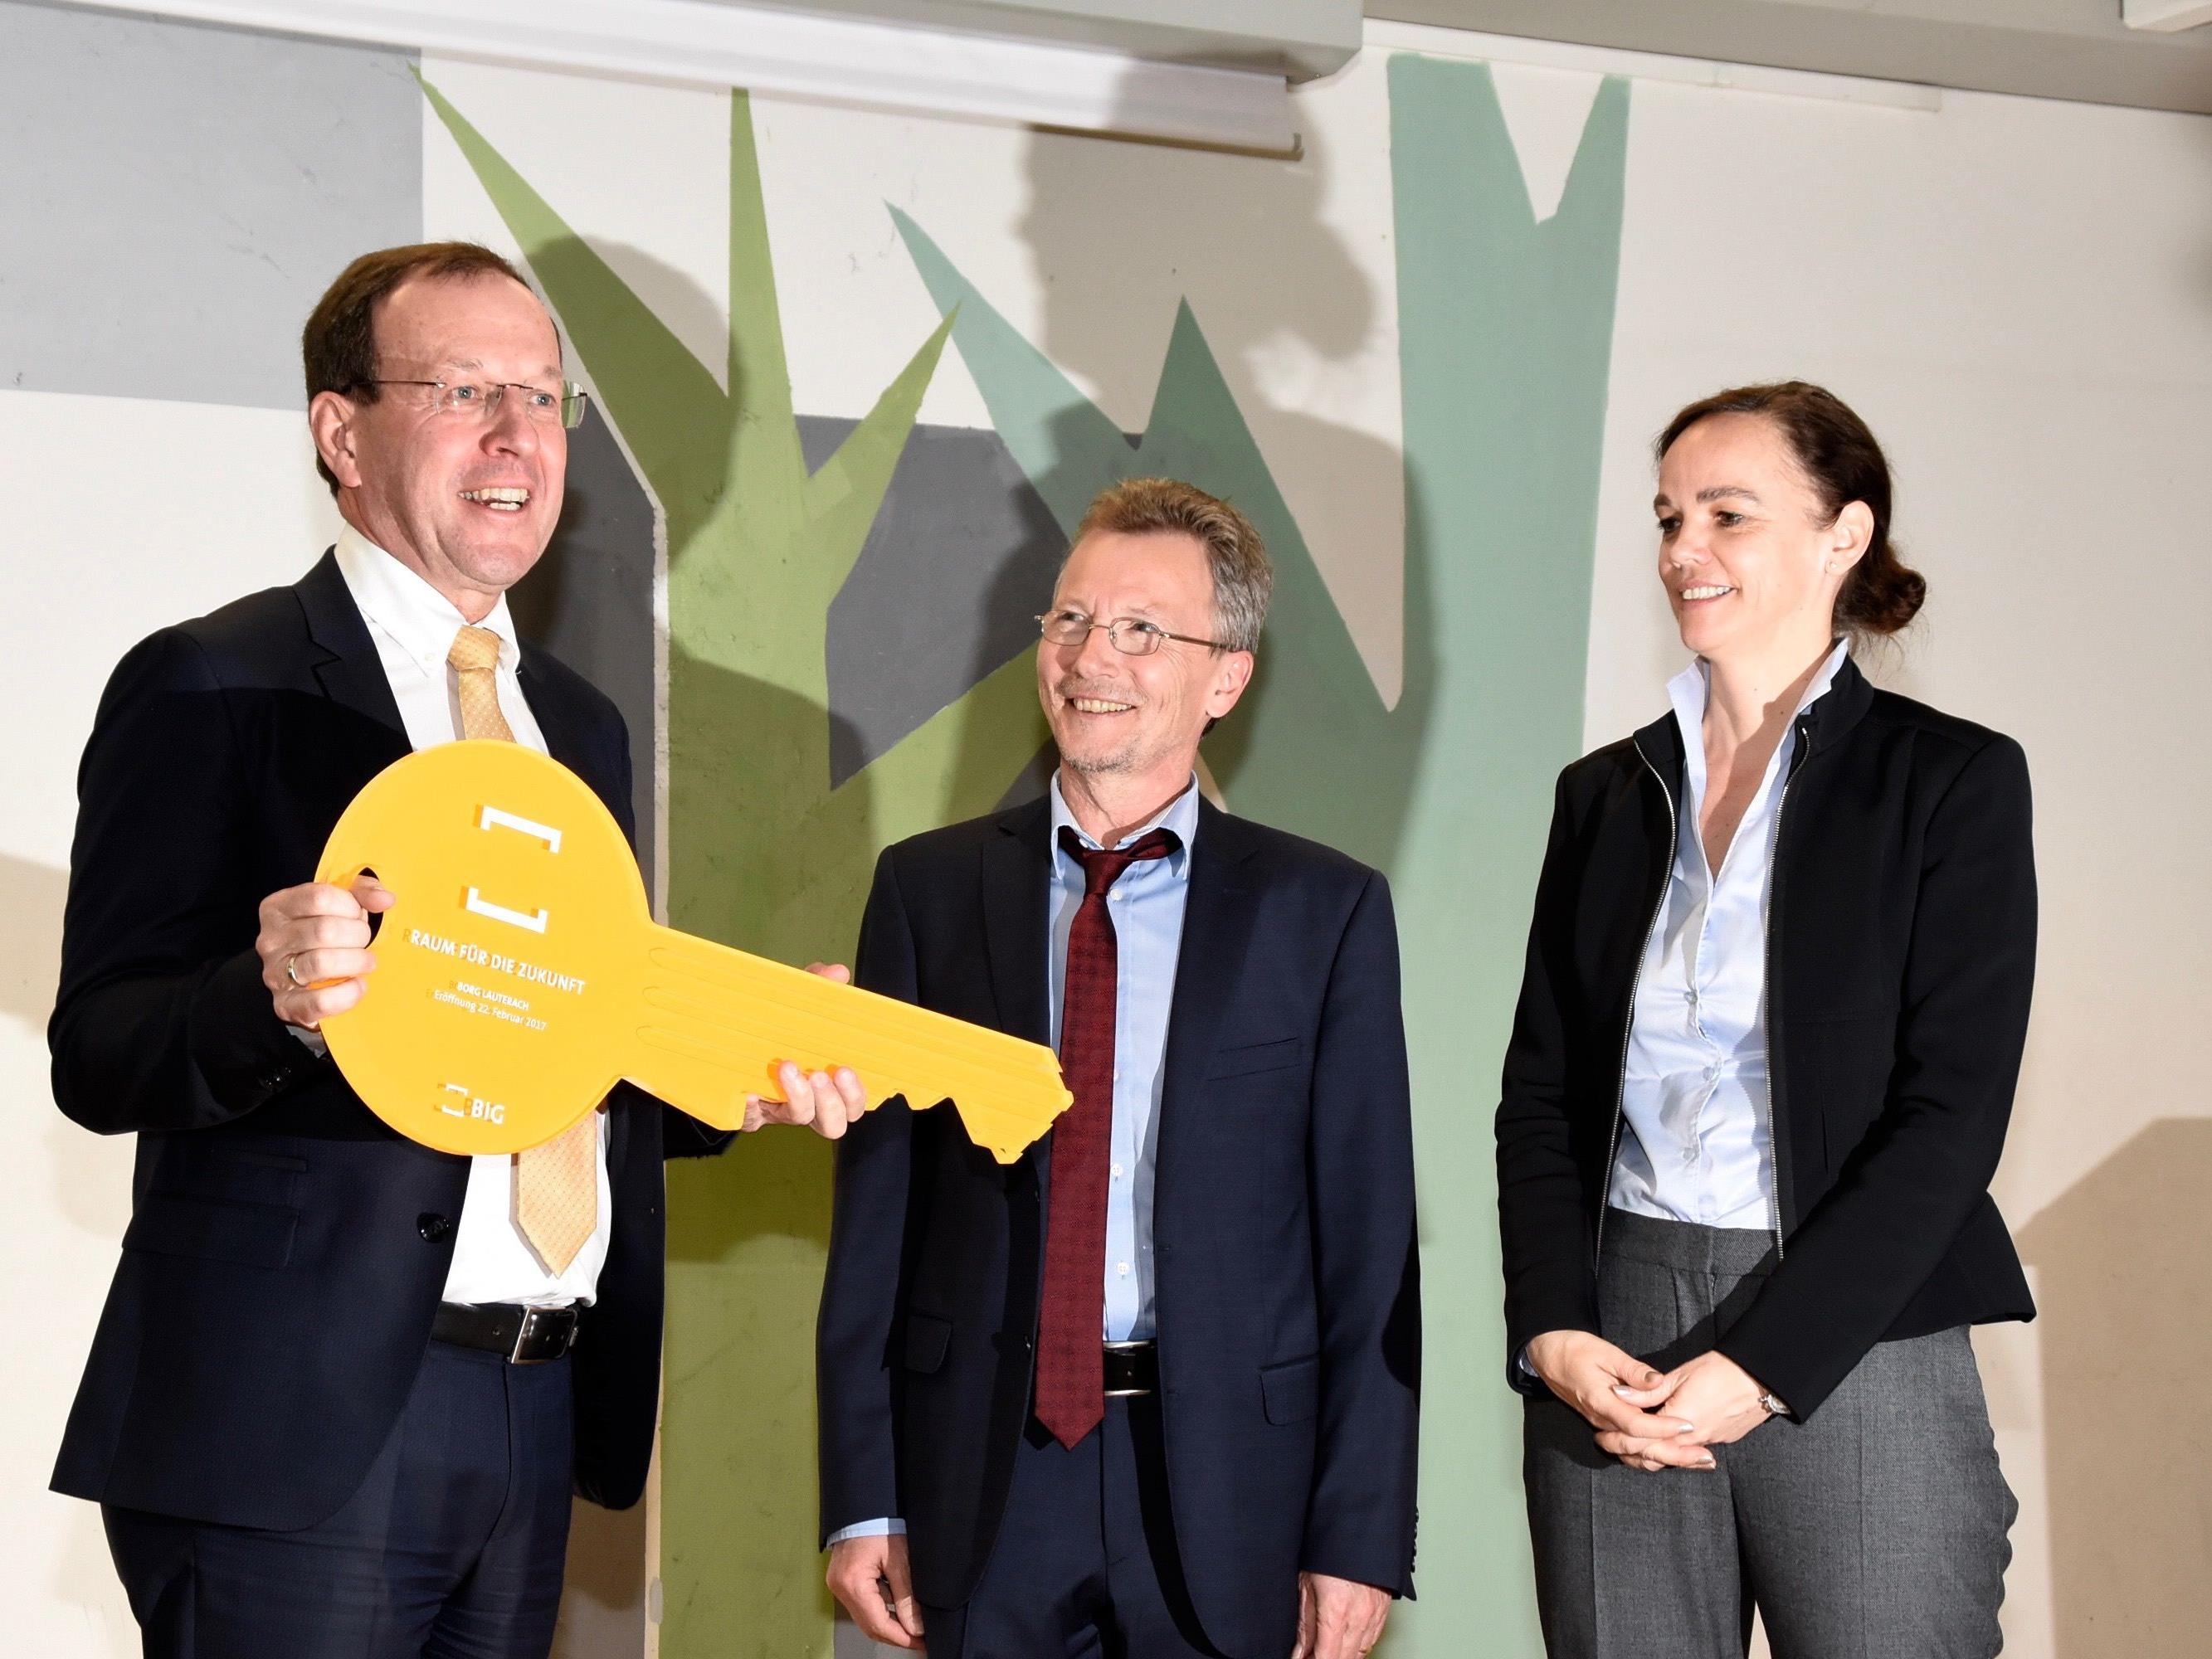 BIG-Geschäftsführer Dipl.-Ing. Wolfgang Gleissner (li.) und Schuldirektor Michael Schelling mit Bundesministerin Dr. Sonja Hammerschmid